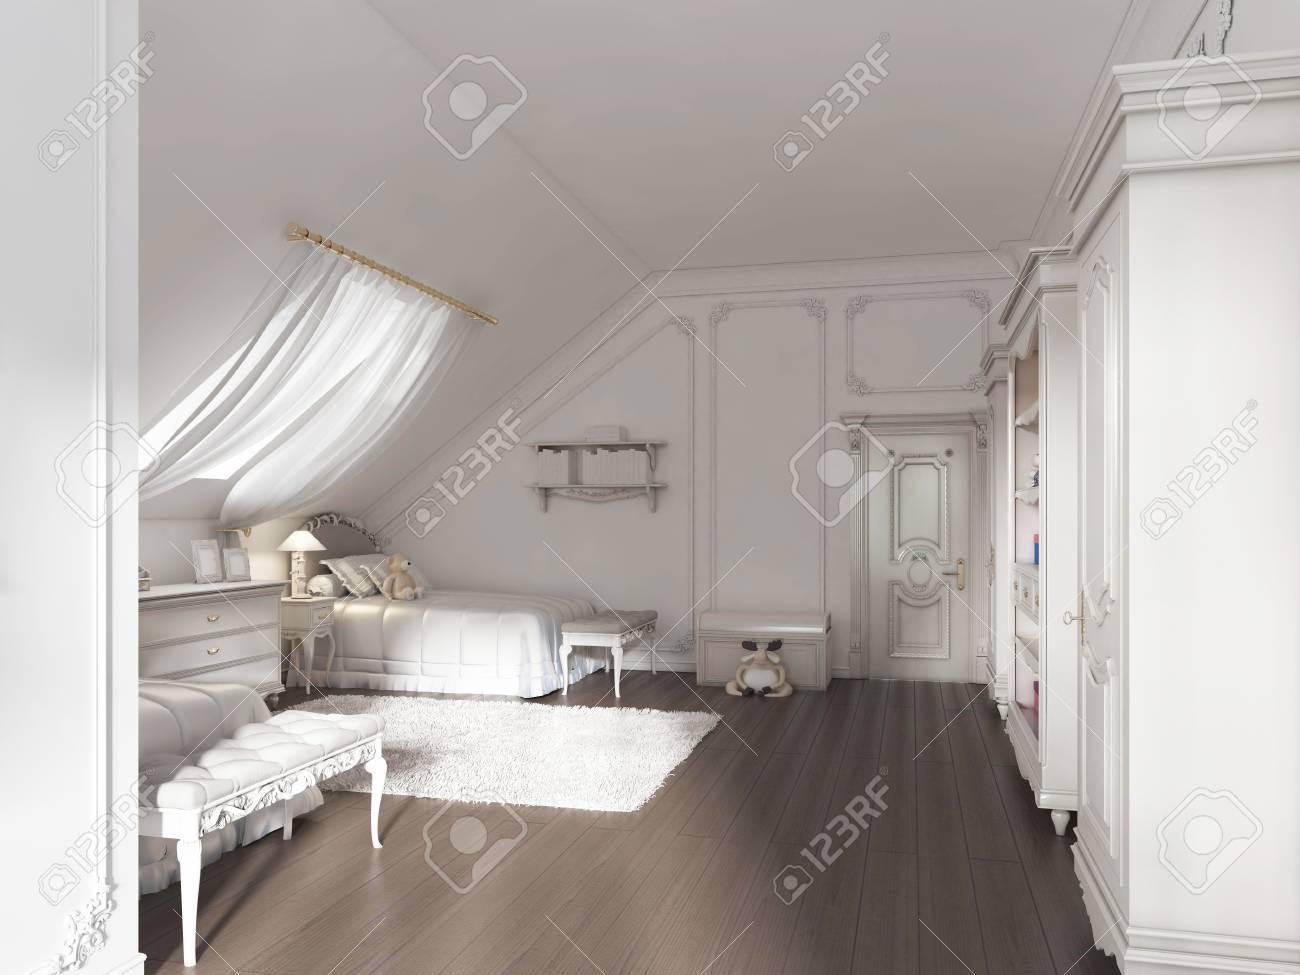 Letti Di Lusso Per Bambini : Camere da letto di lusso per ragazze: arredamento camere da letto e